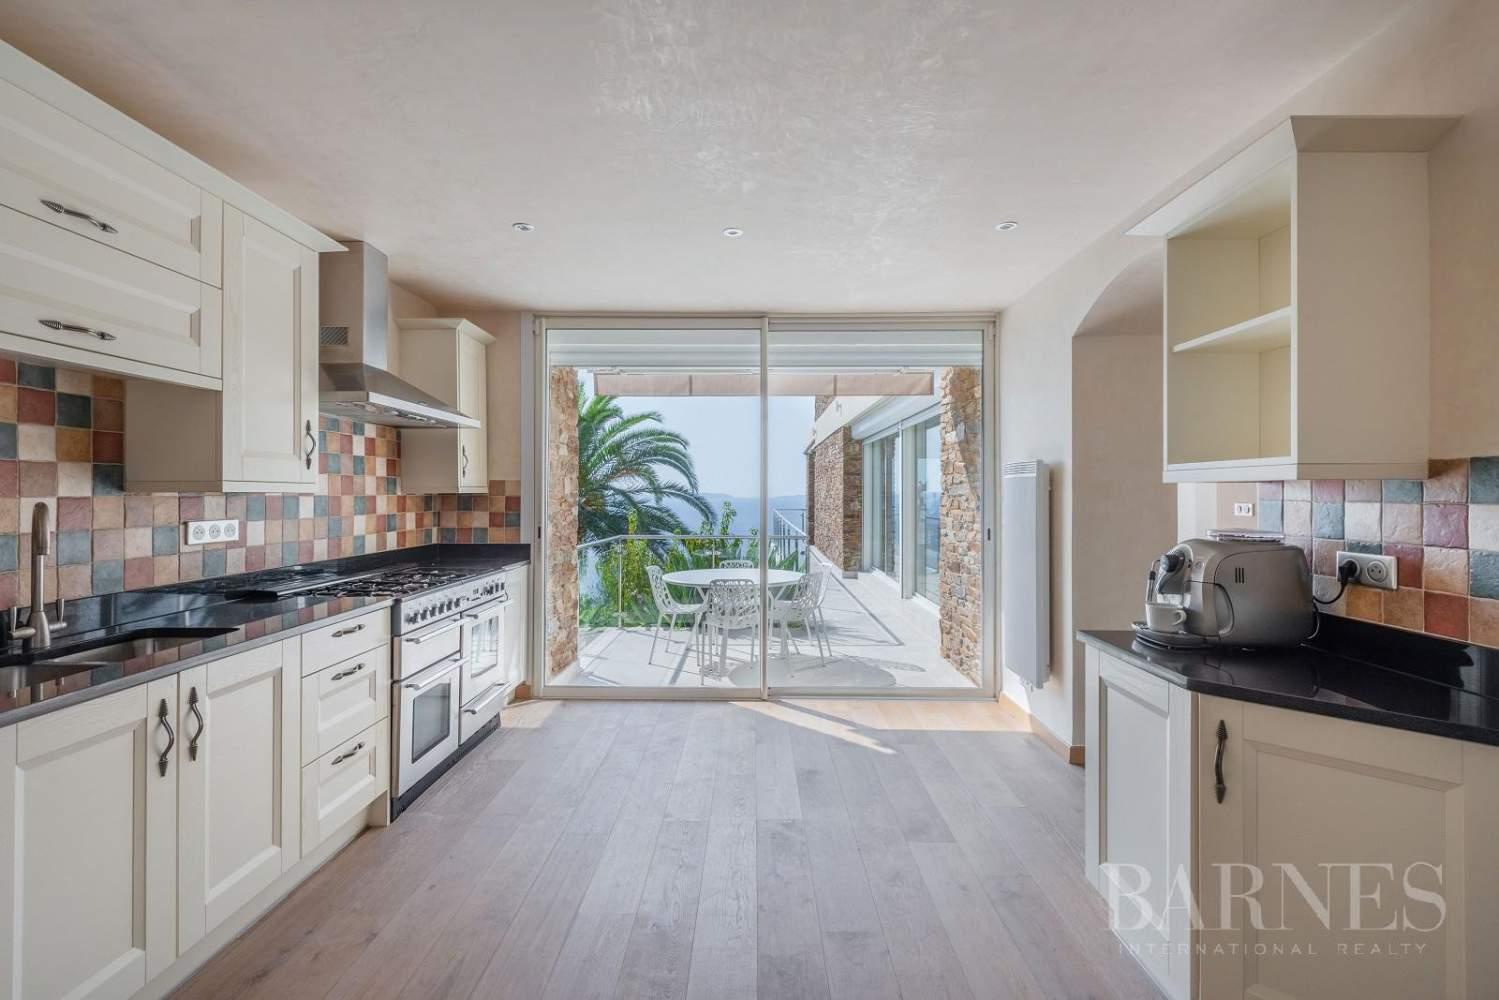 A vendre Le Lavandou villa 6 chambres vue mer panoramique - piscine picture 6